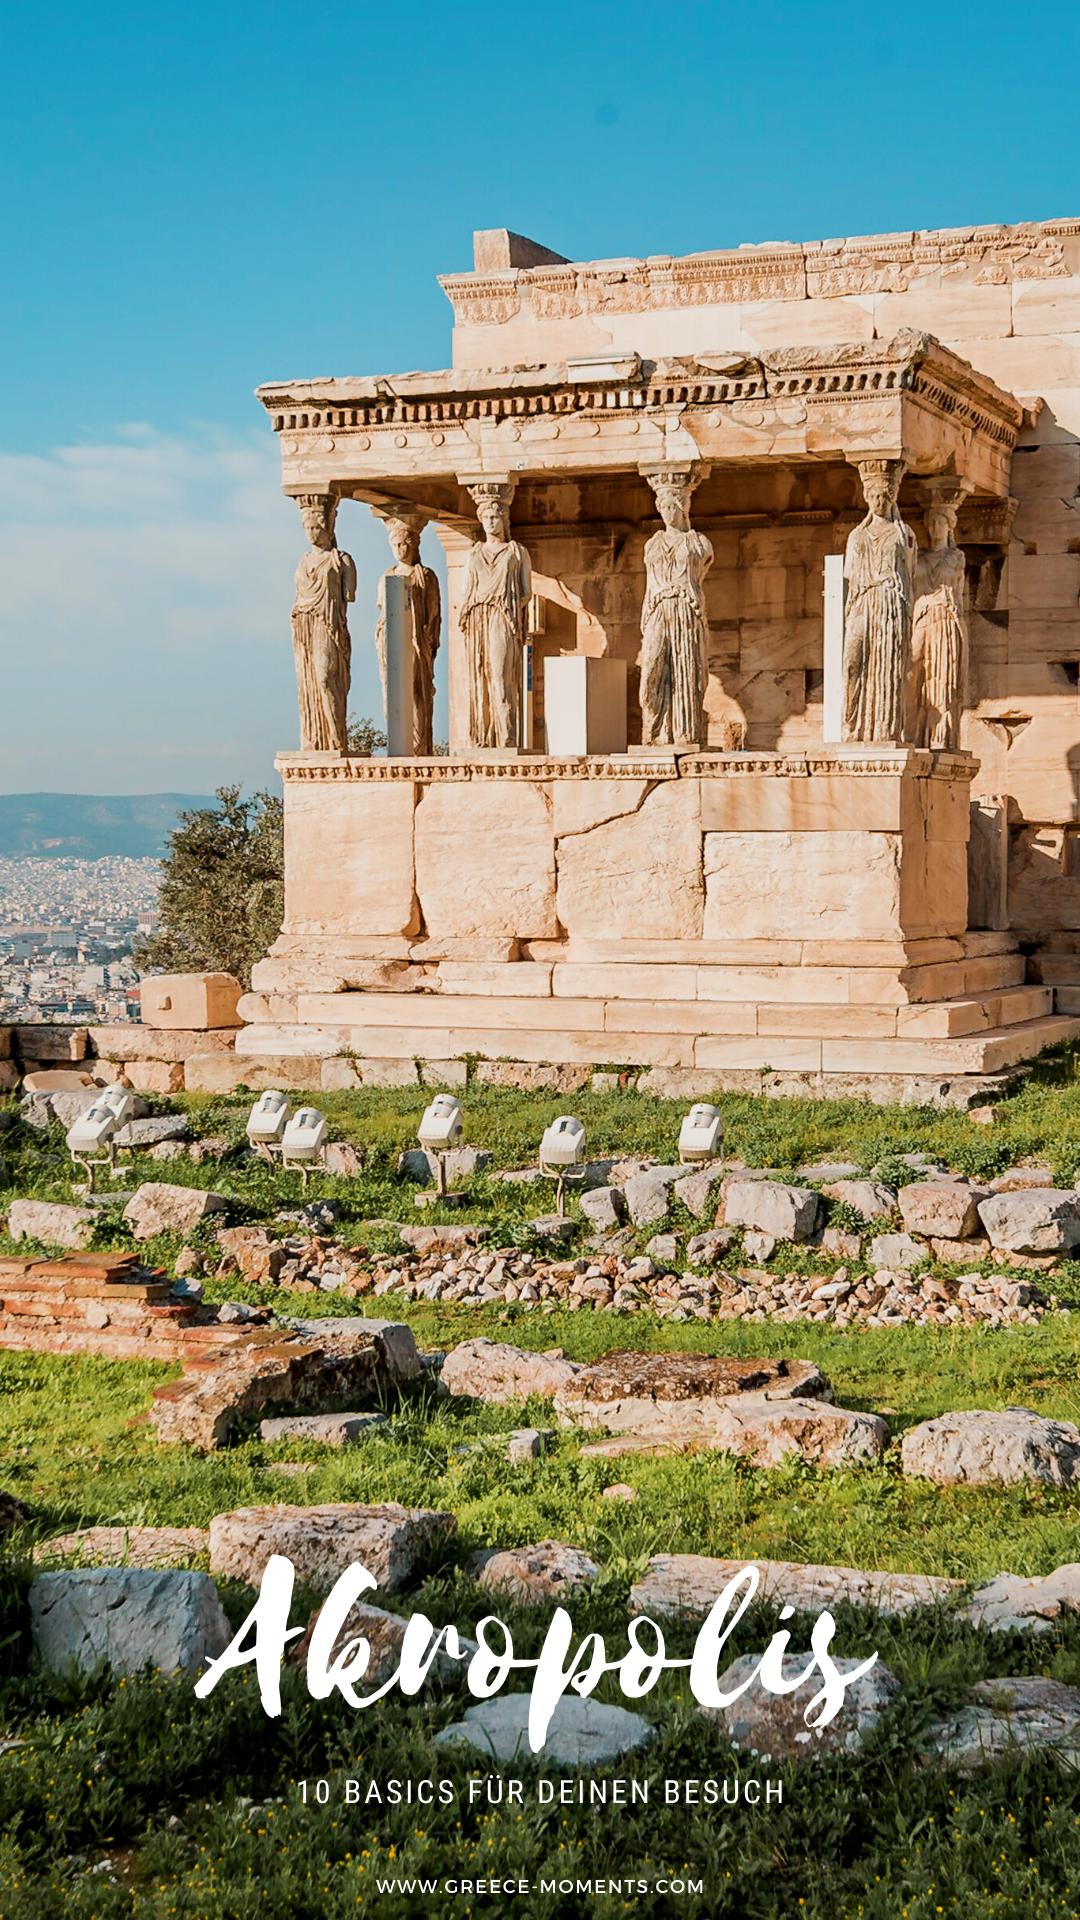 Akropolis Athen Die 10 Wichtigsten Infos Fur Deinen Besuch In 2020 Urlaub Reisen Reisen In Europa Reisen